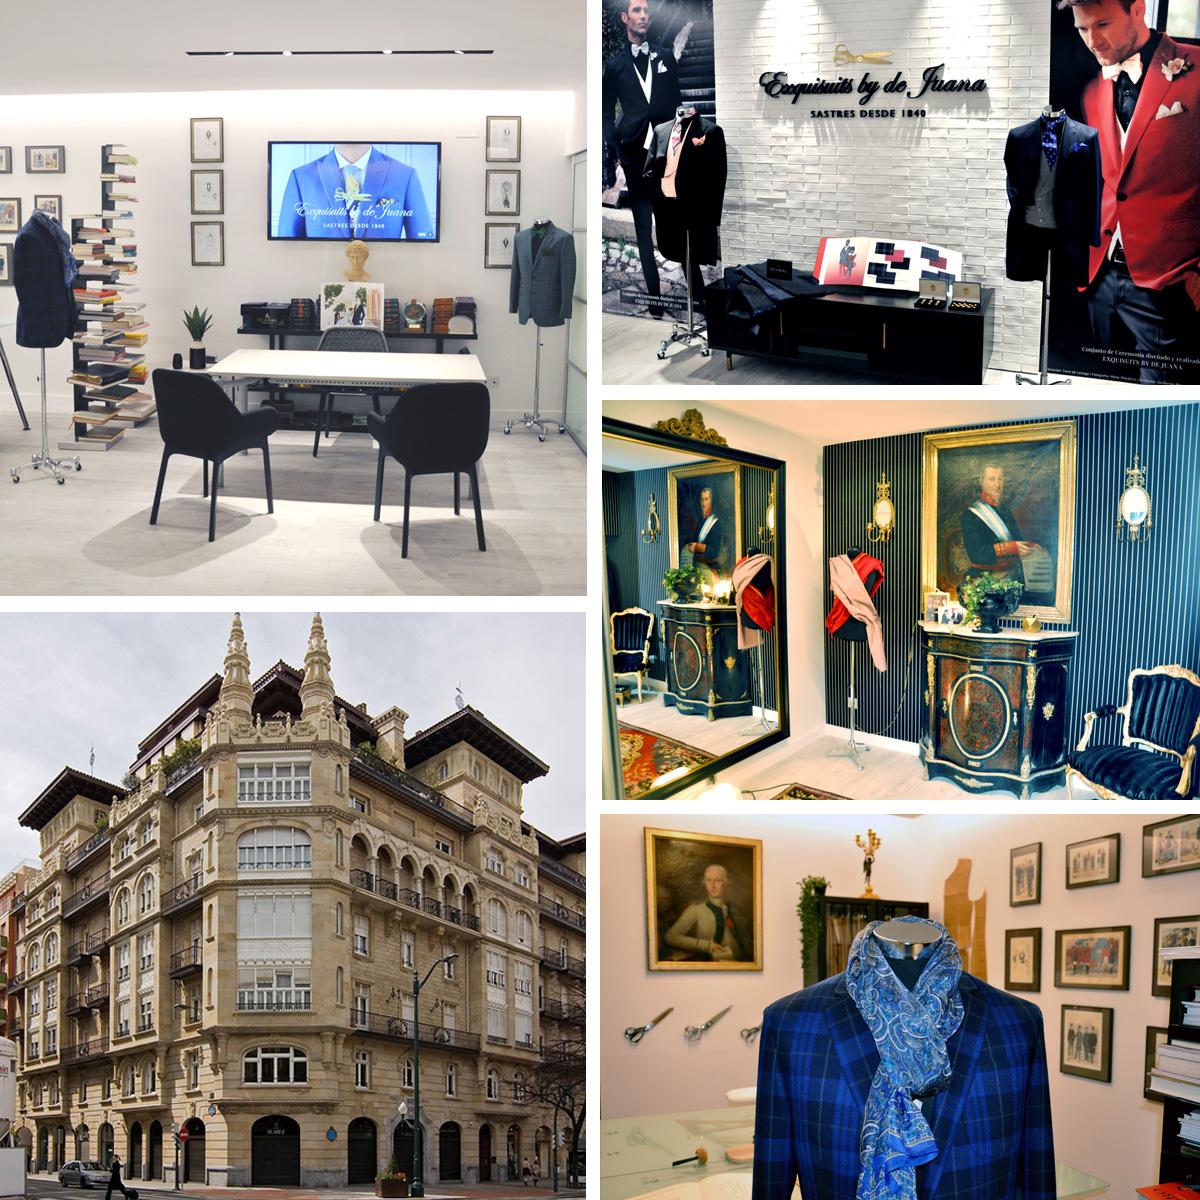 Nueva Sastrería Exquisuits by de Juana en Gran Vía, 45 Edificio Sota Bilbao